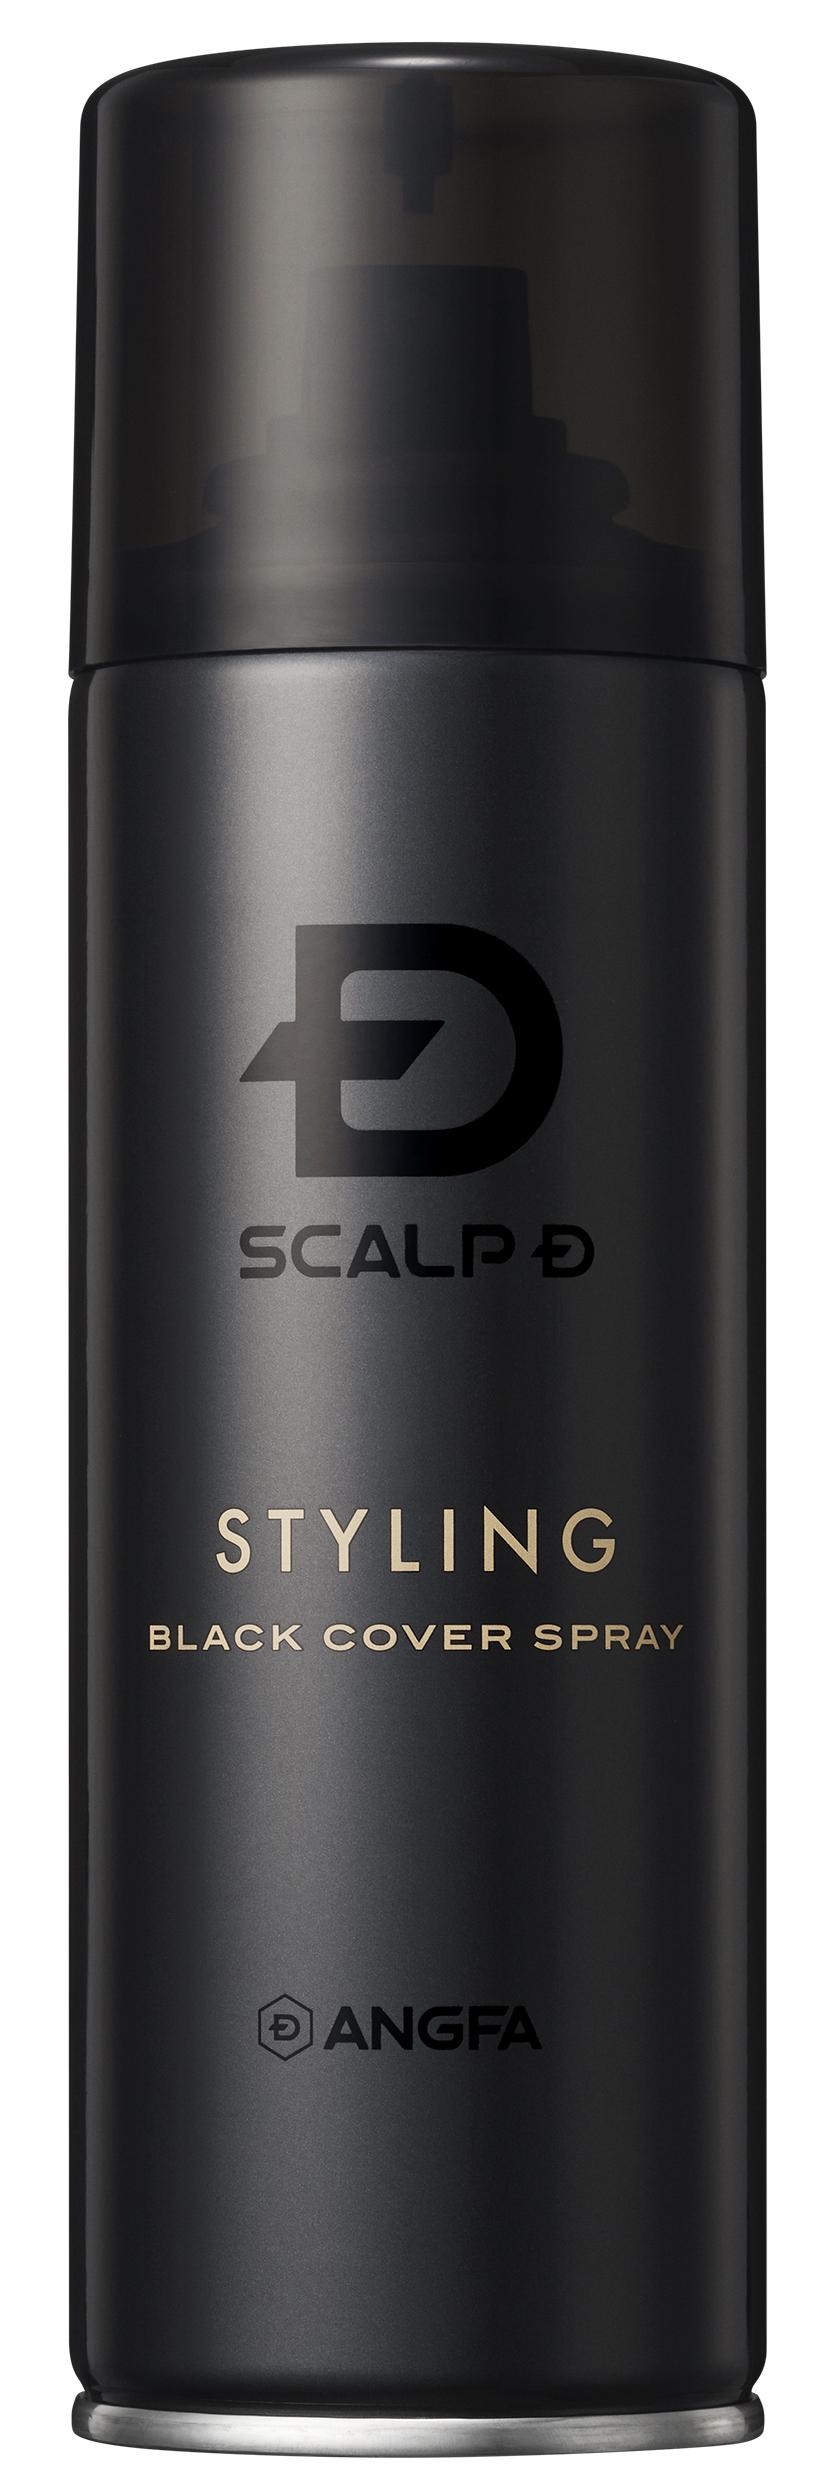 「スカルプD」をはじめとした男性商品のパッケージデザインをご担当いただきます。